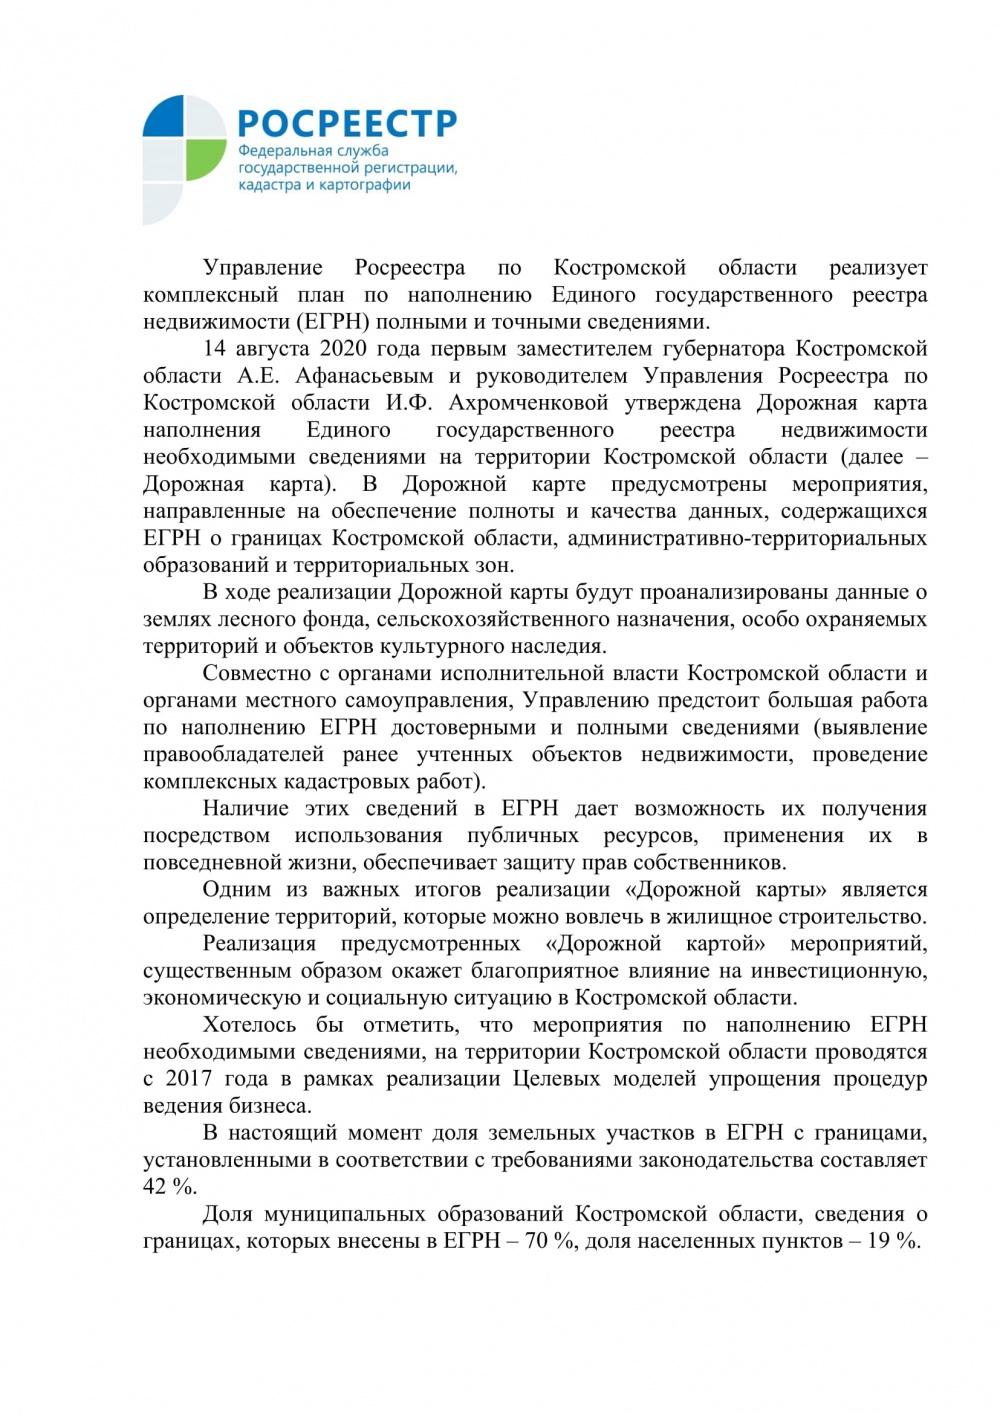 Статья Дорожная карта